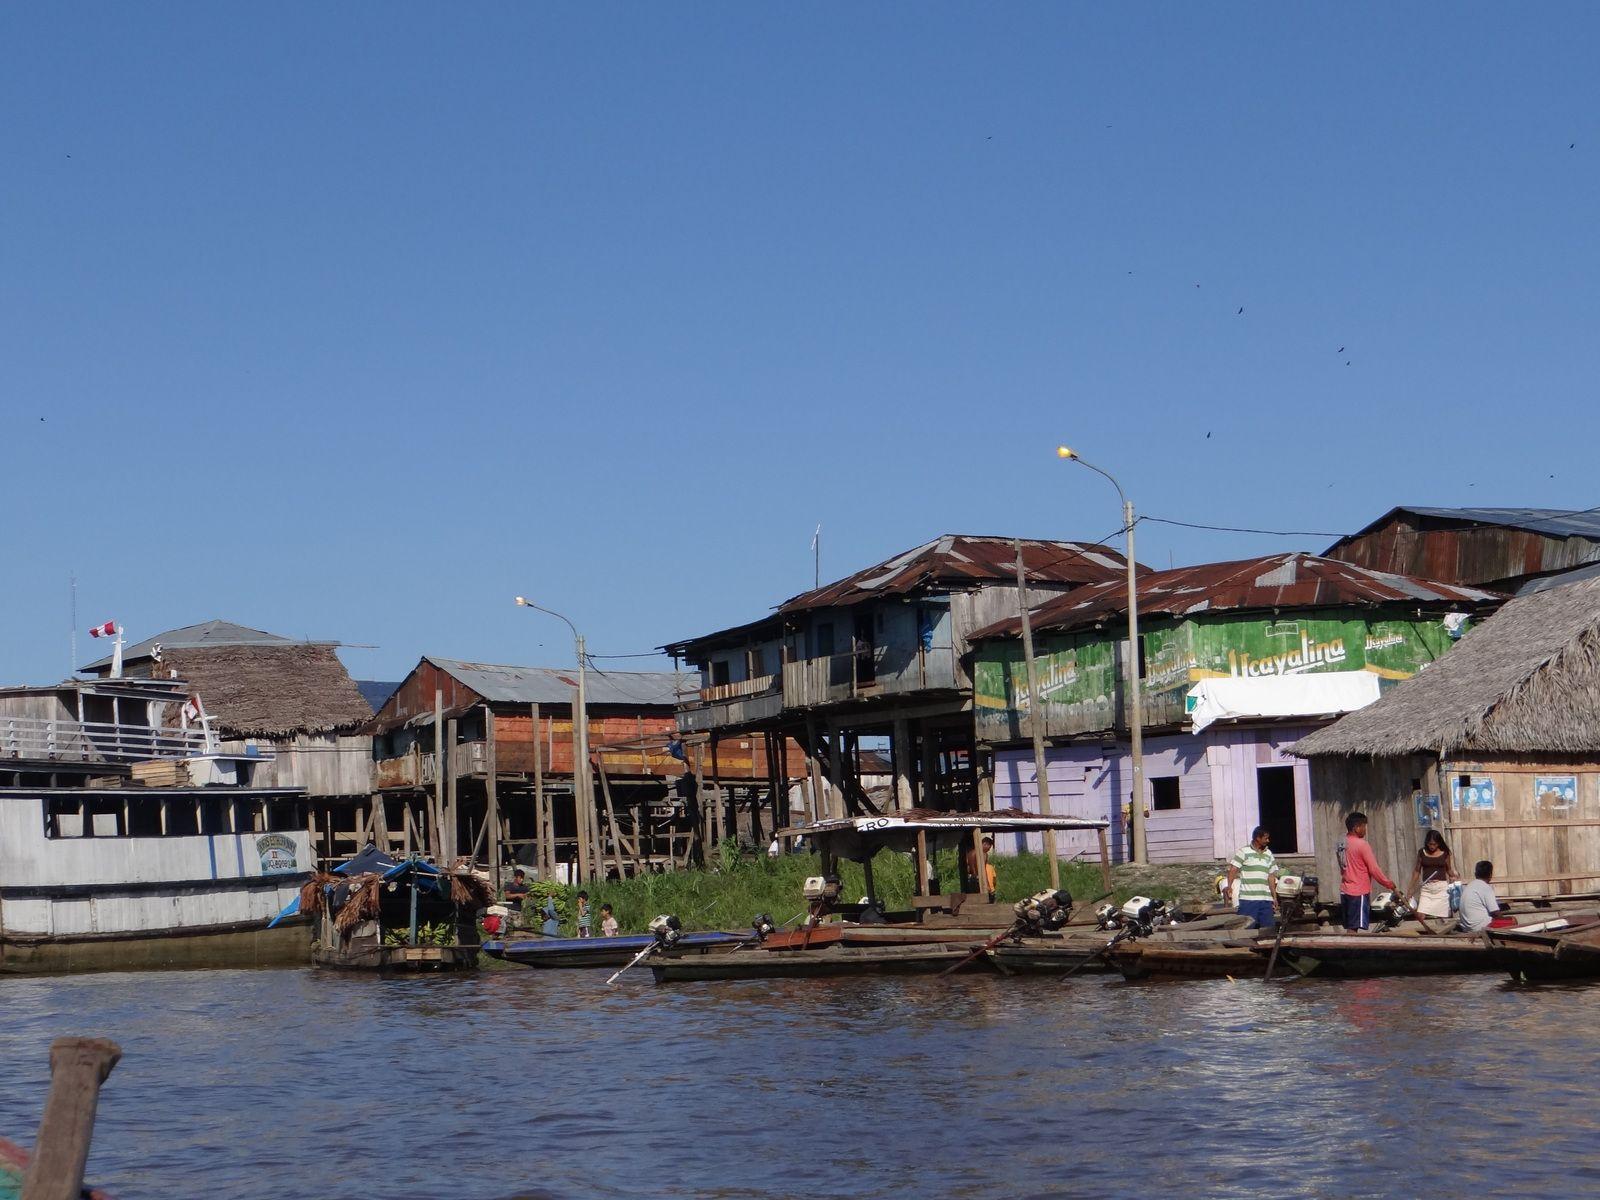 Voyage au PEROU. 2014. IQUITOS Quartier de Belen. PISCO Réserve de Paracas. PUCUSANA. LIMA